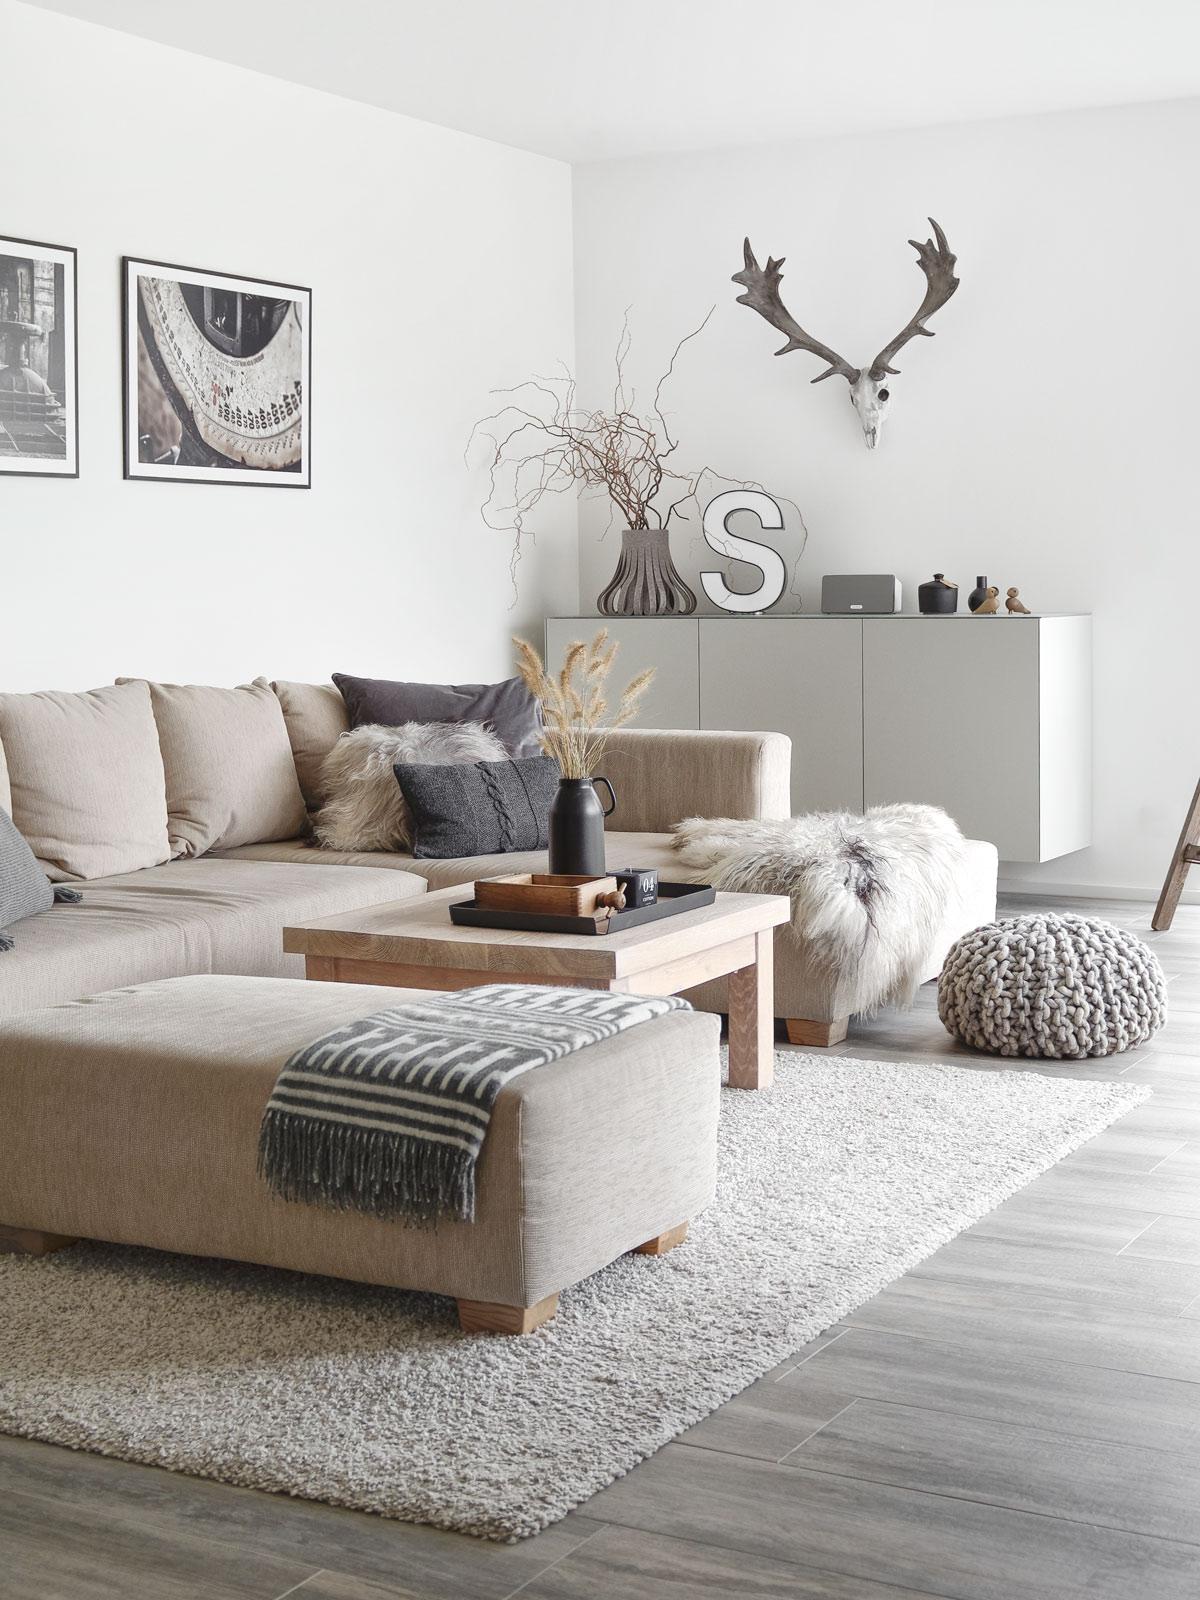 dekoration wandschrank im wohnzimmer